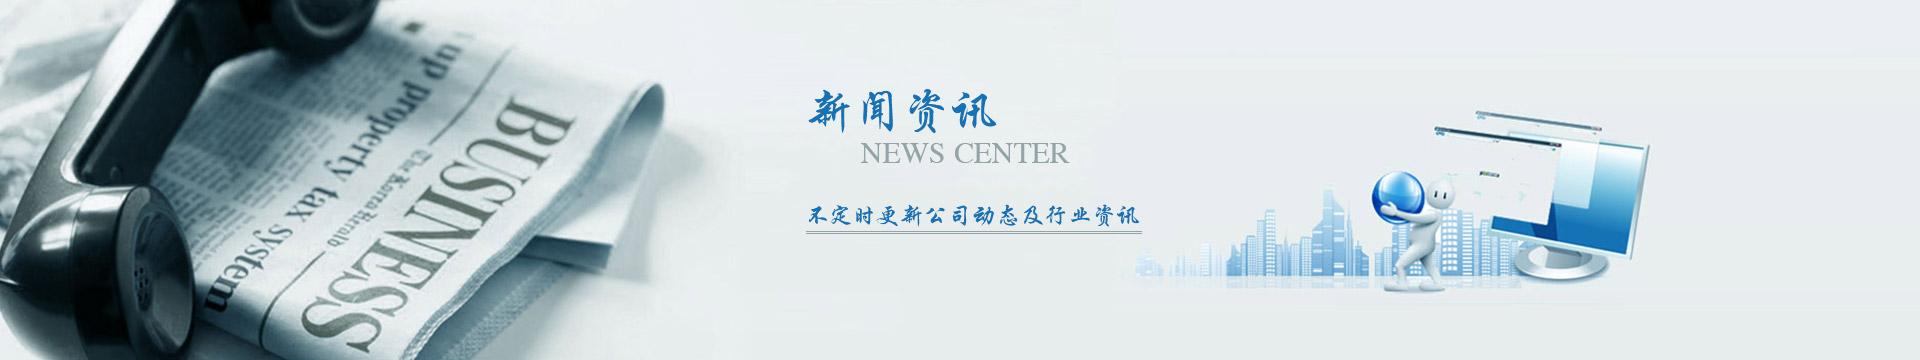 湖北板栗_最新动态banner